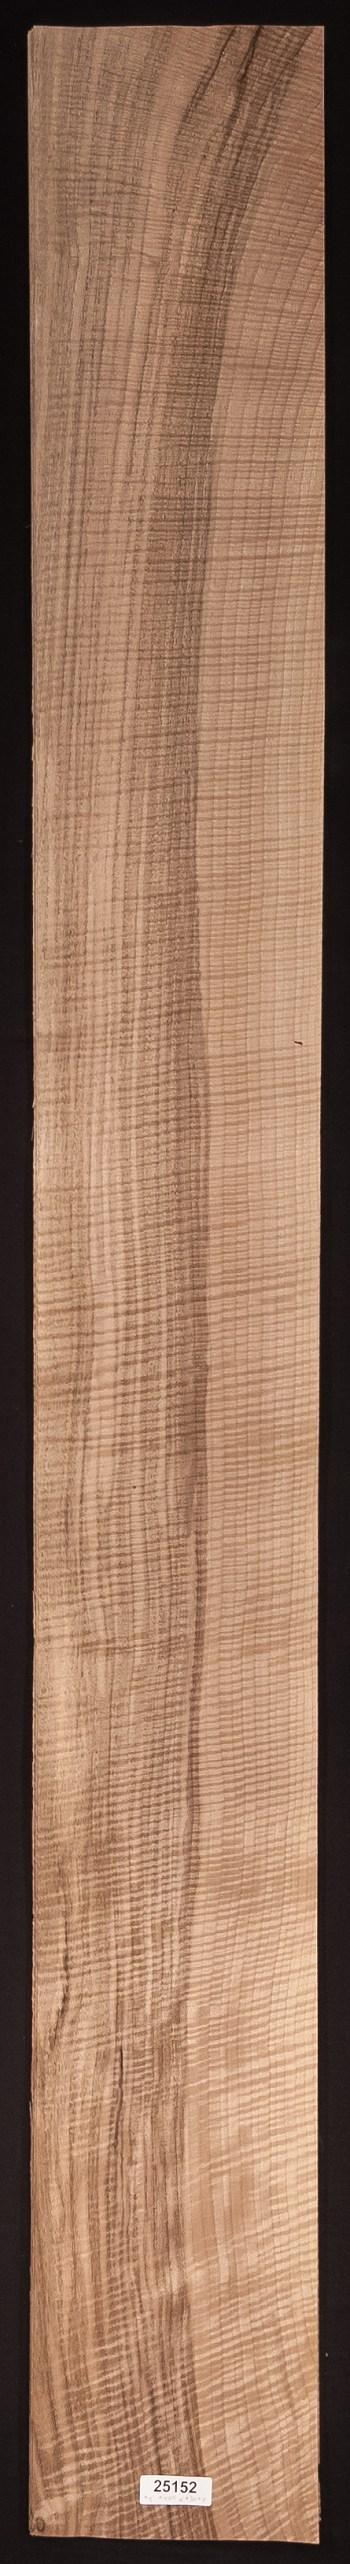 AAA Curly Walnut (European) Veneer Sheet